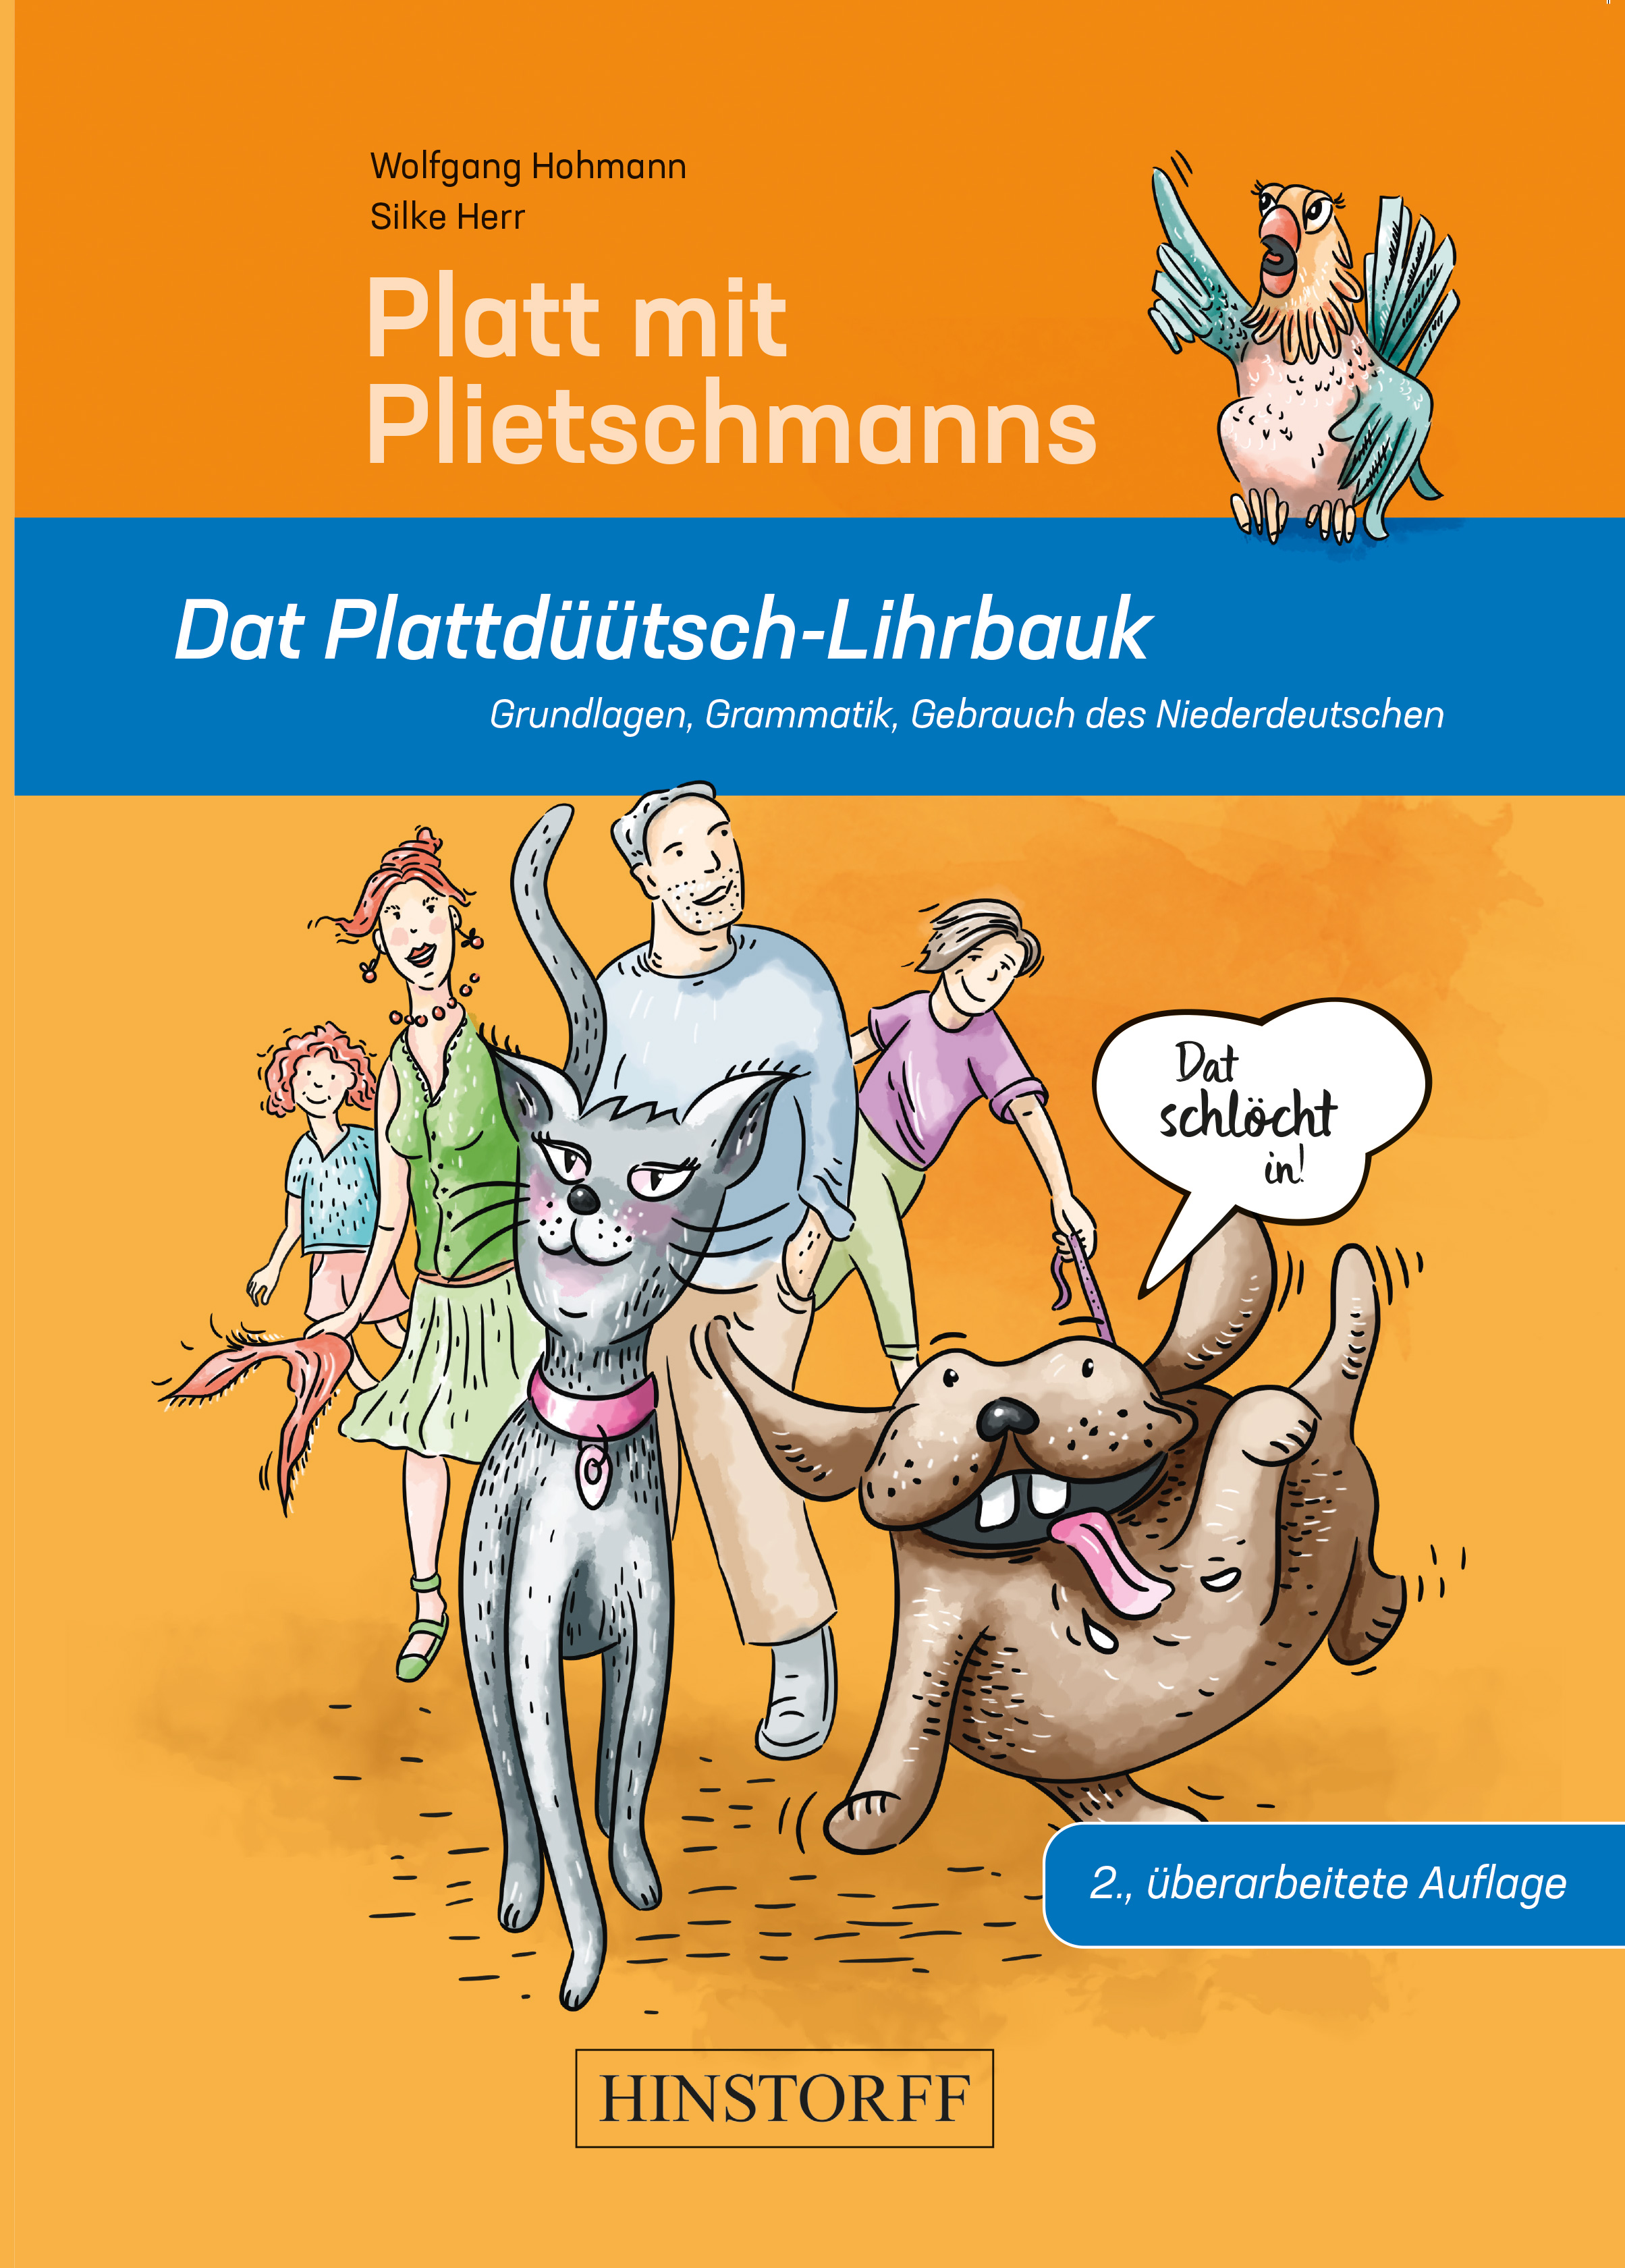 Platt mit Plietschmanns. Dat Plattdüütsch-Lihrbauk